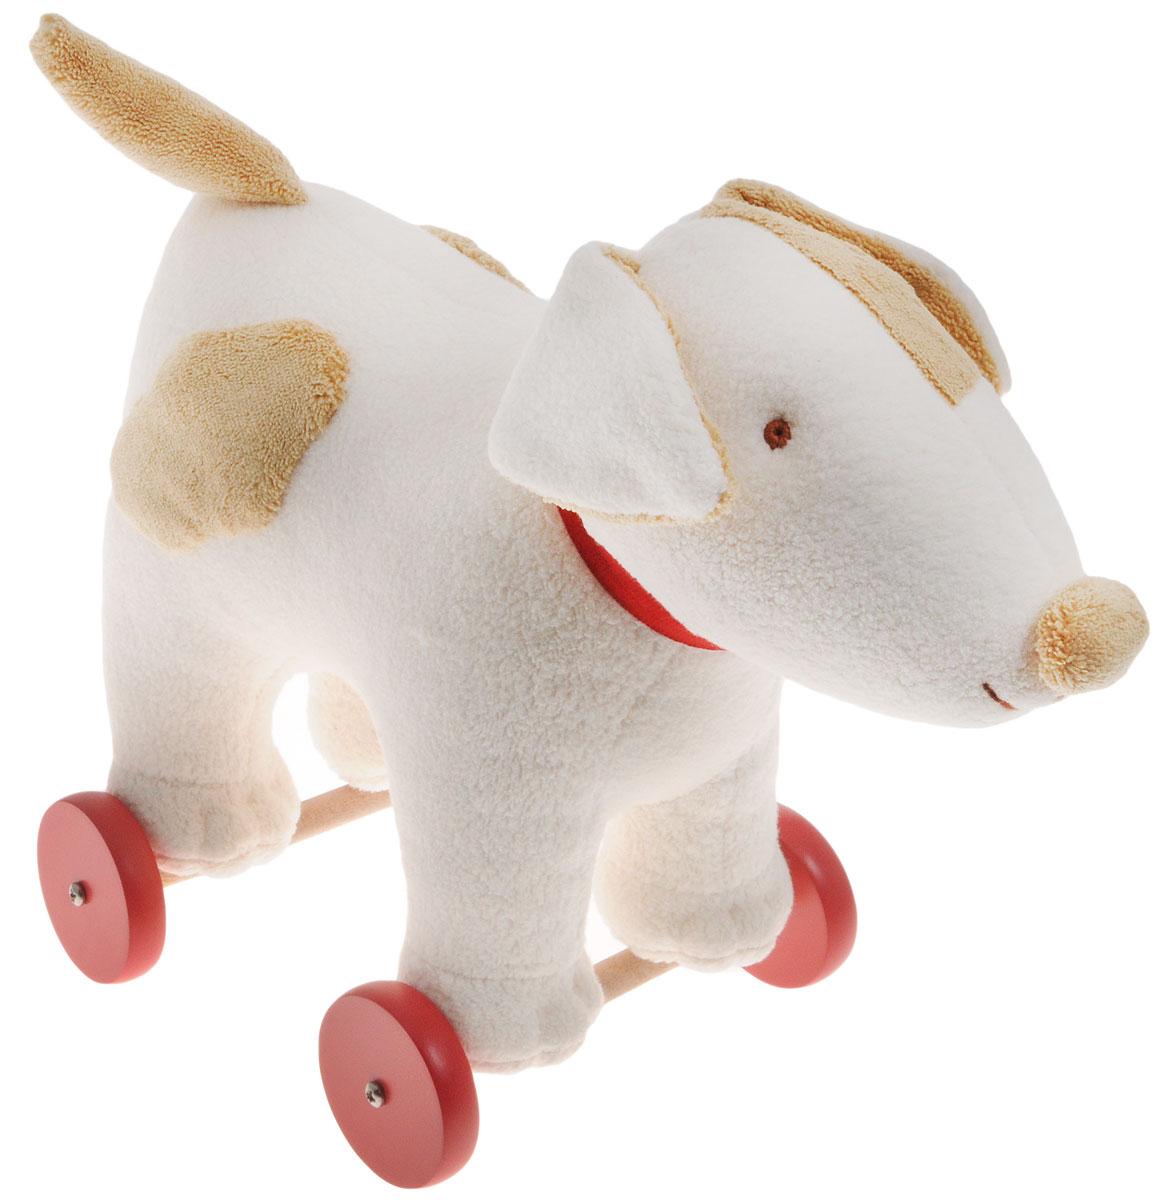 Trousselier Игрушка-каталка СобакаV4001 42Игрушка-каталка Trousselier Собака никого не оставит равнодушным и обязательно вызовет улыбку у всех, кто ее увидит. Изделие изготовлено из приятных на ощупь и мягких материалов. Игрушка выполнена в виде милой собачки с красным ошейником, стоящей на деревянных колесиках. Игрушка- каталка Trousselier Собака станет отличным подарком для ребенка! Такая игрушка будет подталкивать ребенка больше ходить, развивает мелкую моторику и координацию движений.